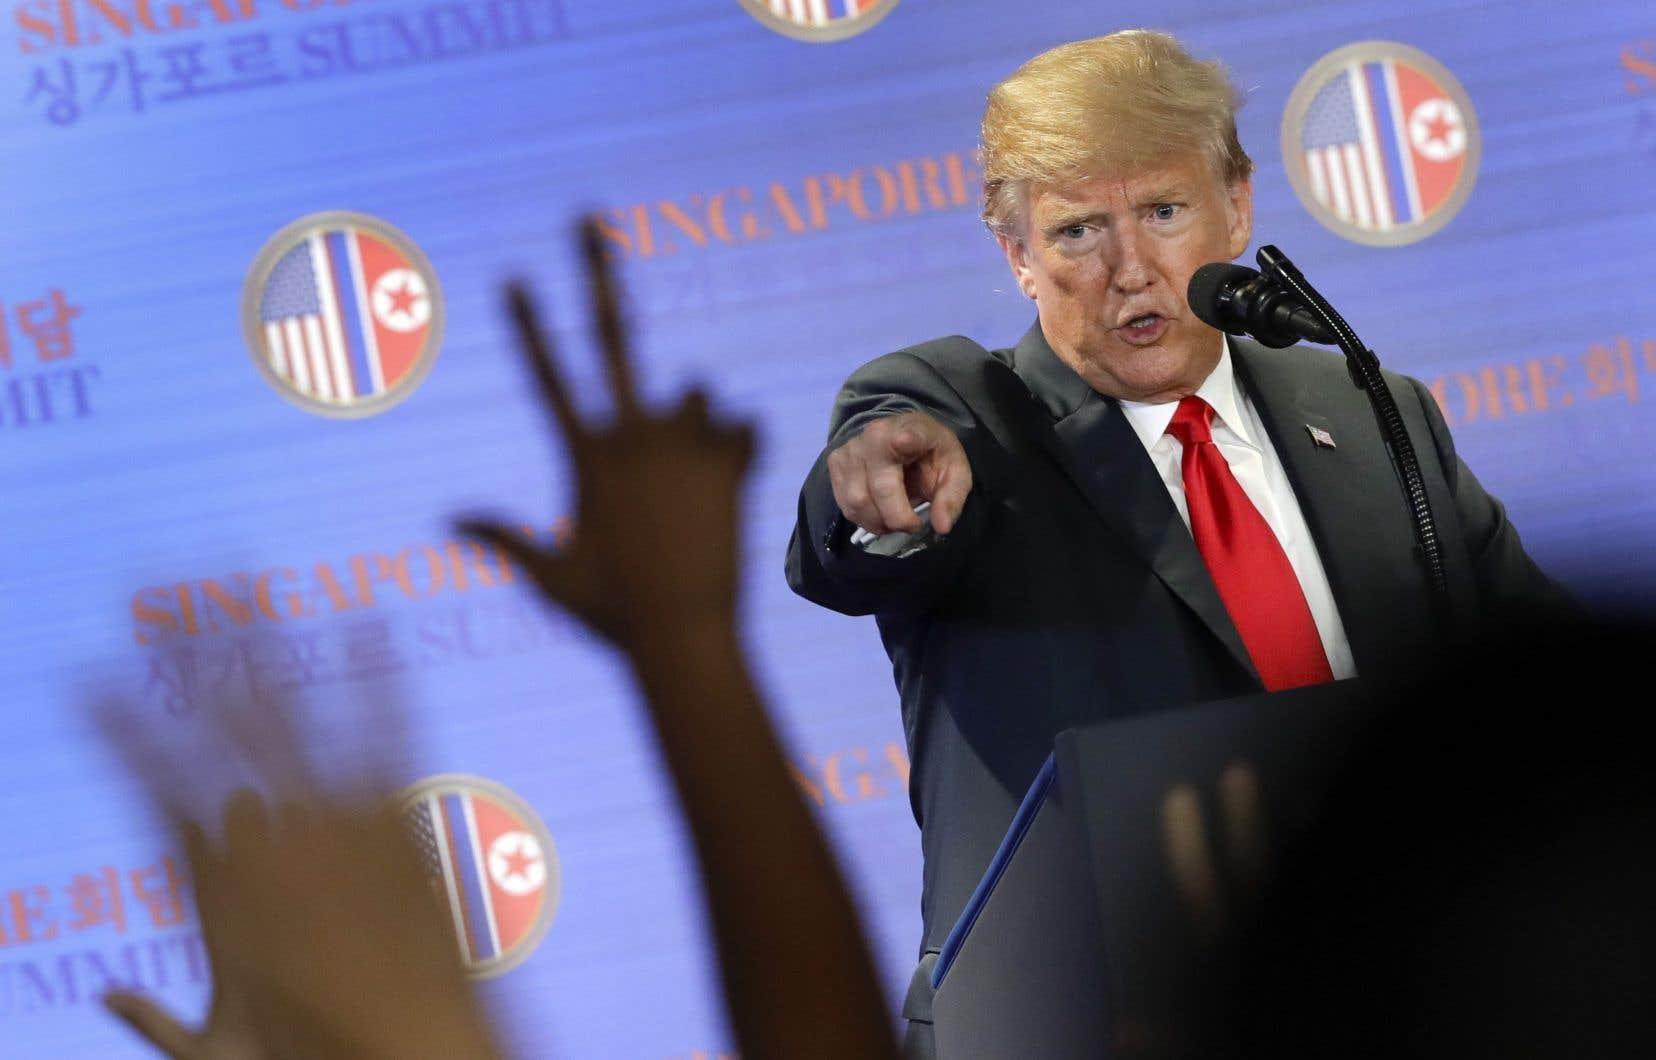 Le chef de la Maison-Blanche a déploré qu'à peu près tous les autres pays du G7 avaient profité de la générosité des États-Unis permise par ses prédécesseurs à la présidence.